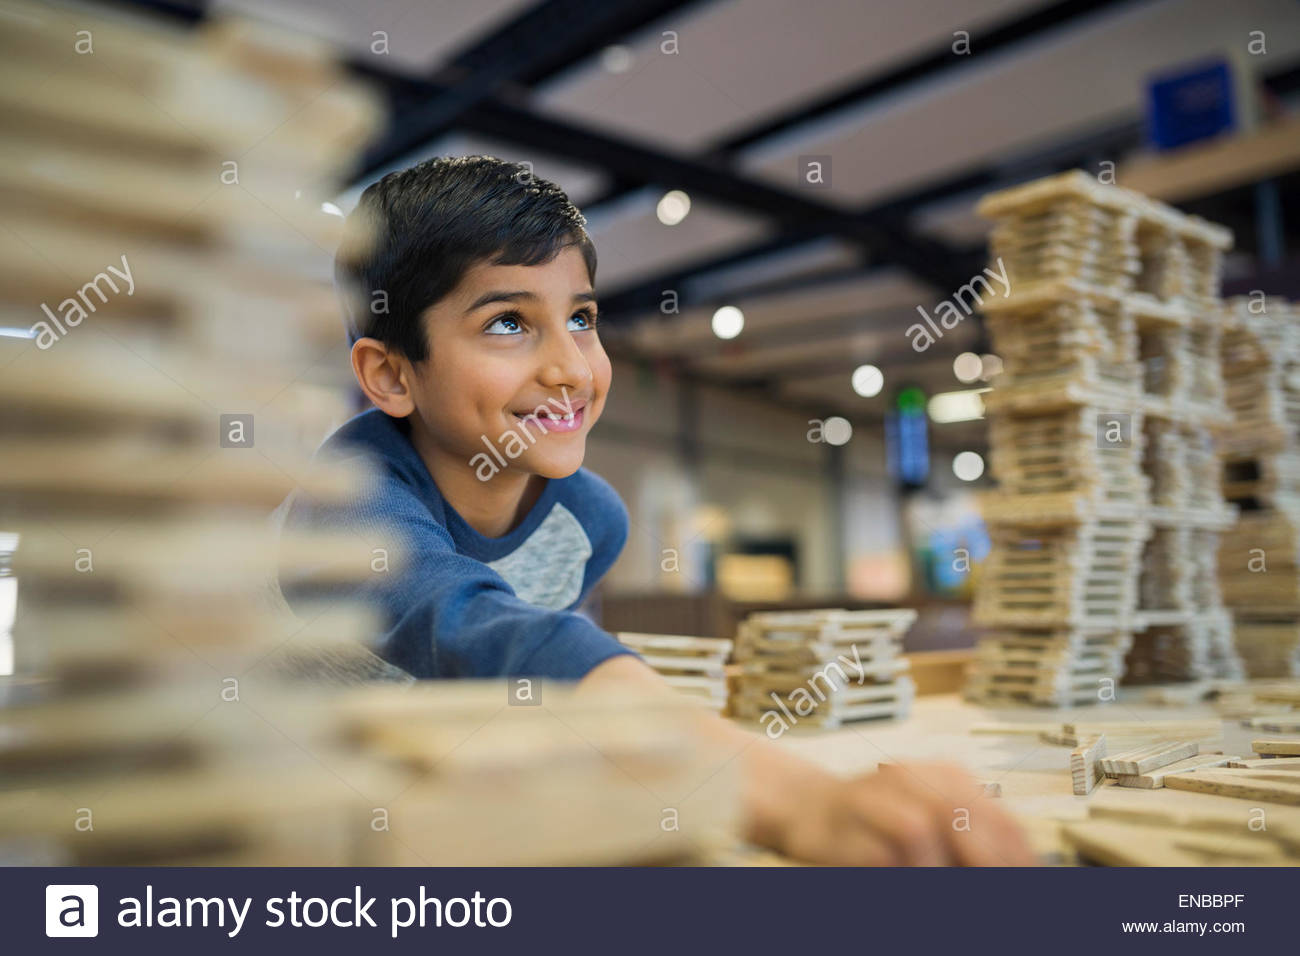 Garçon de l'assemblage d'une cale en bois structure à science centre Photo Stock